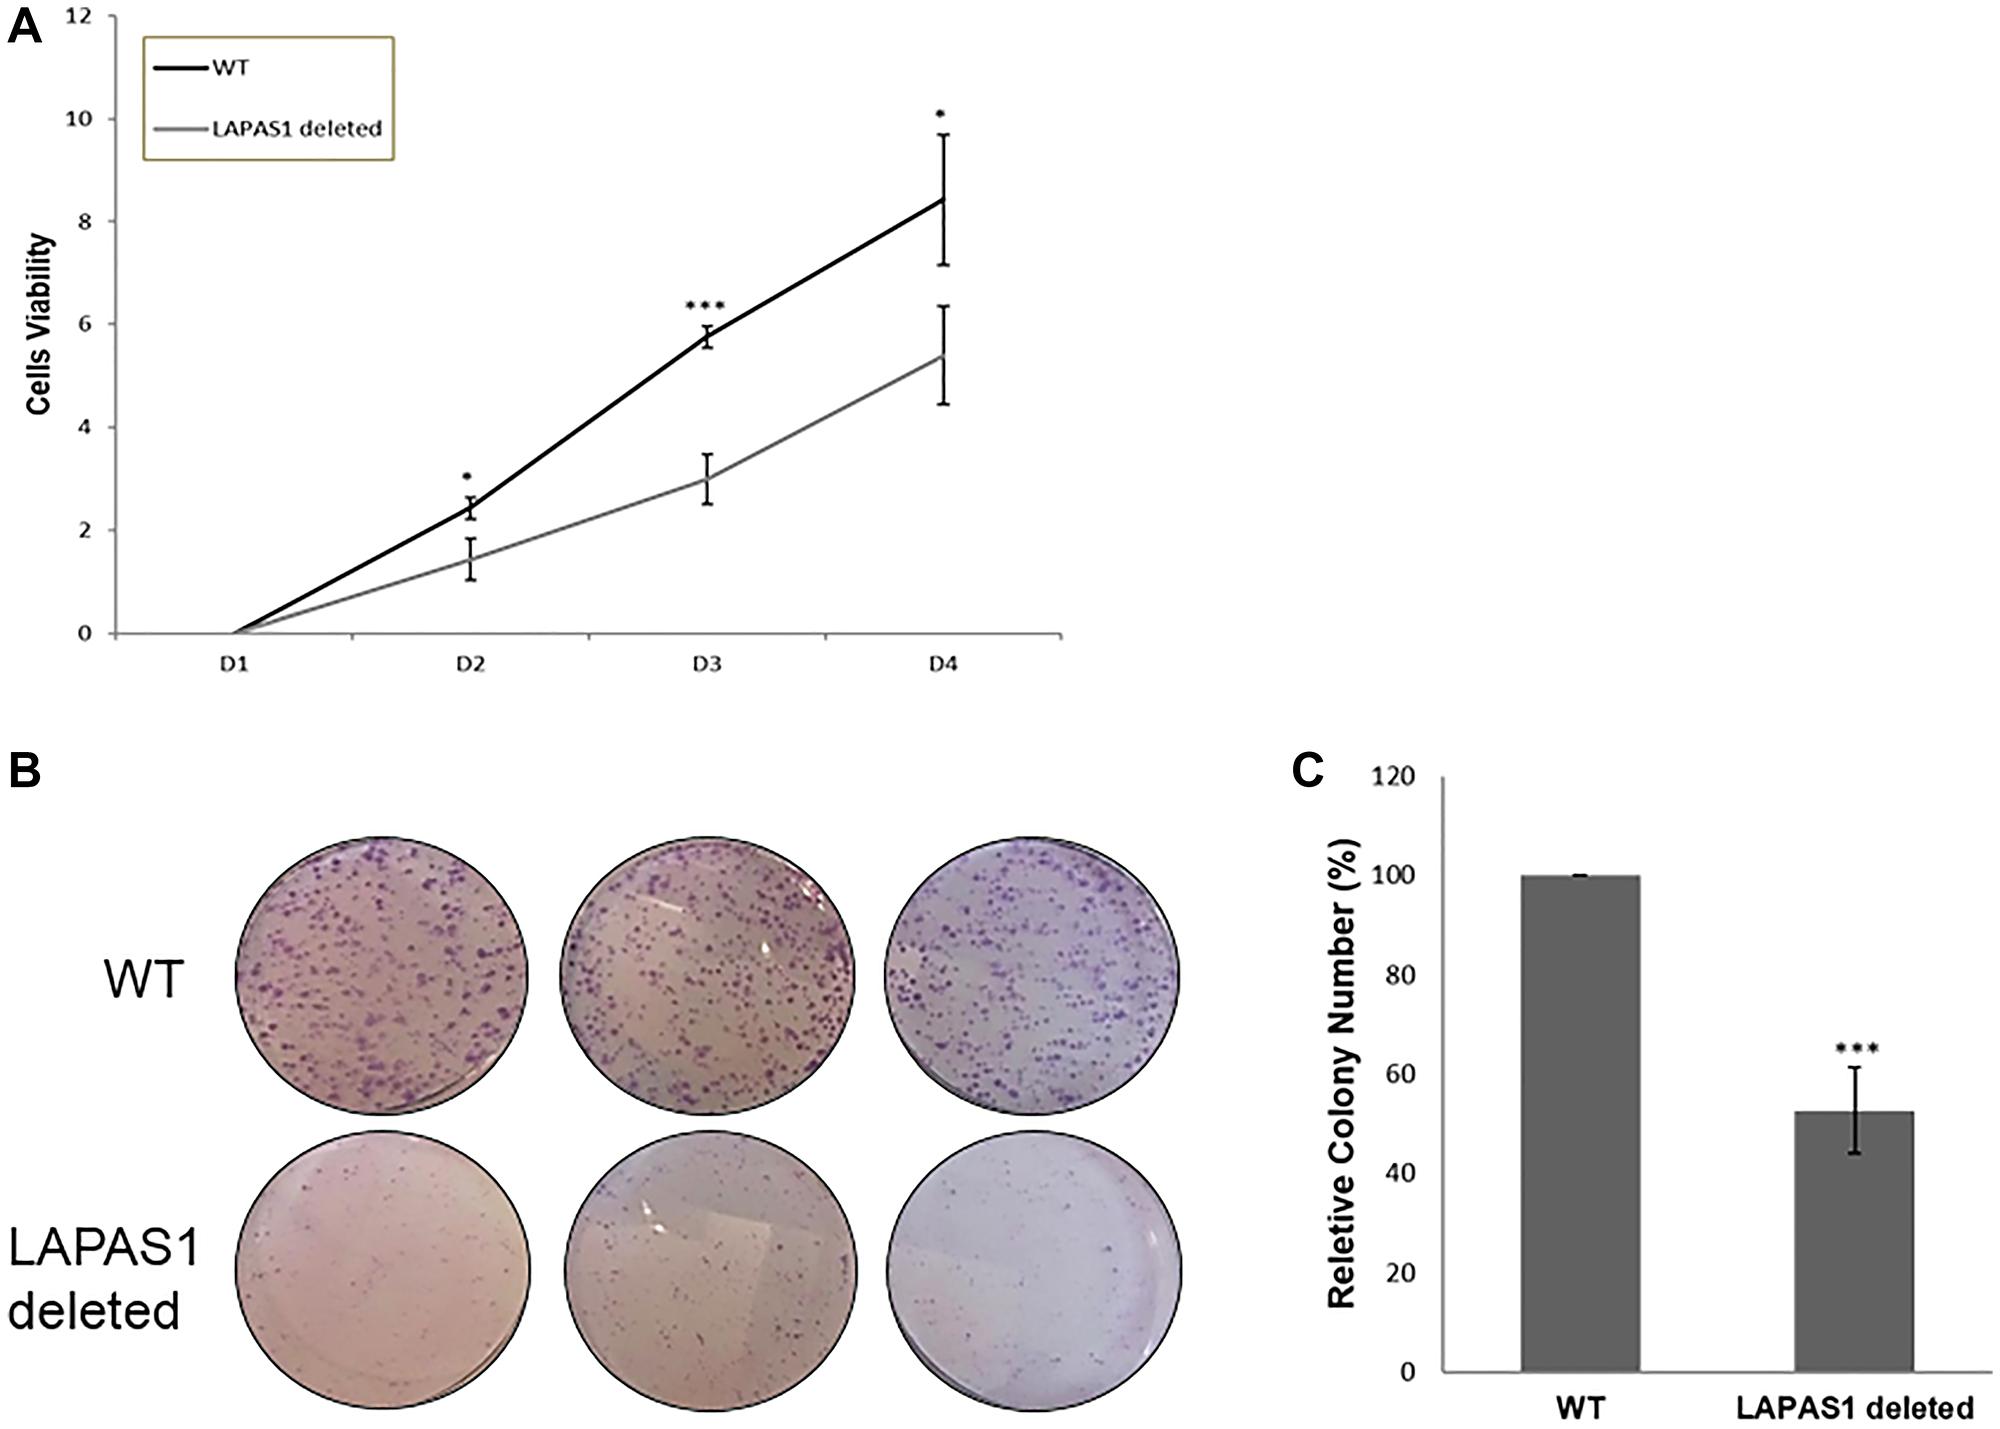 LAPAS1 deletion attenuates cell proliferation.